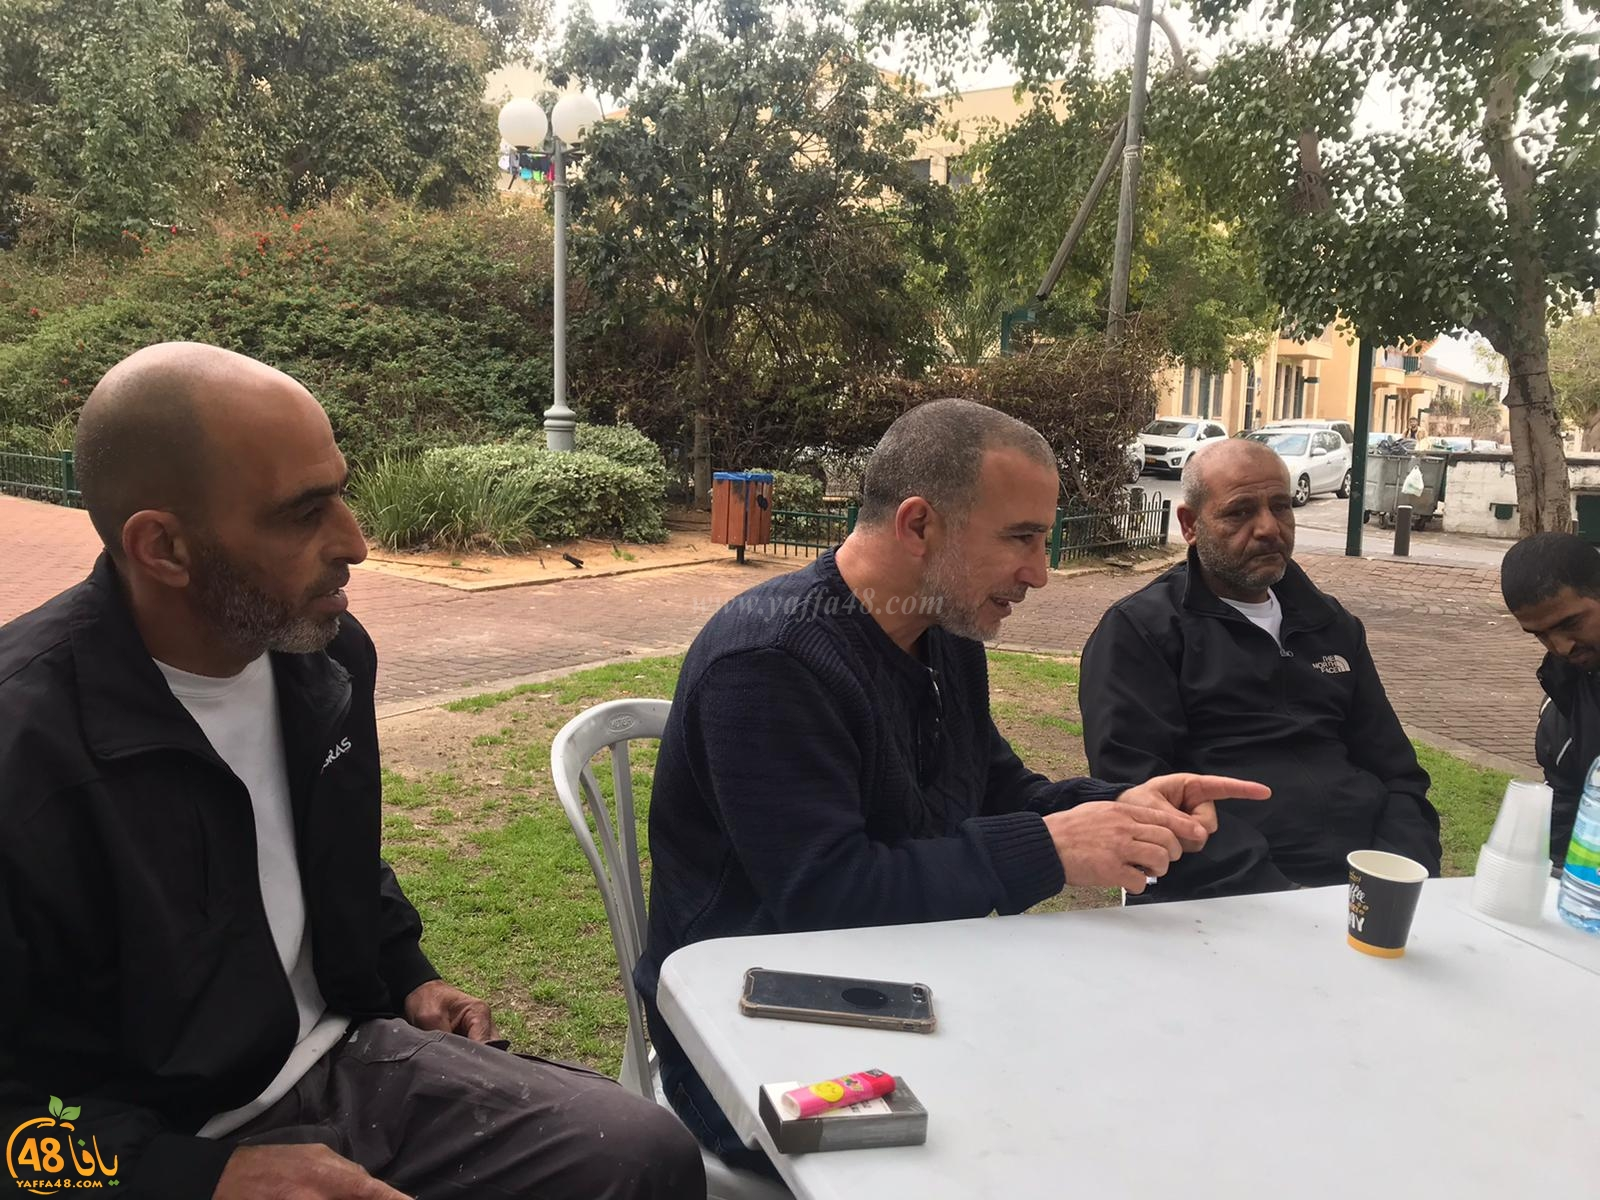 رئيس لجنة المتابعة في زيارة لخيمة العائلة اليافاوية بحديقة الغزازوة